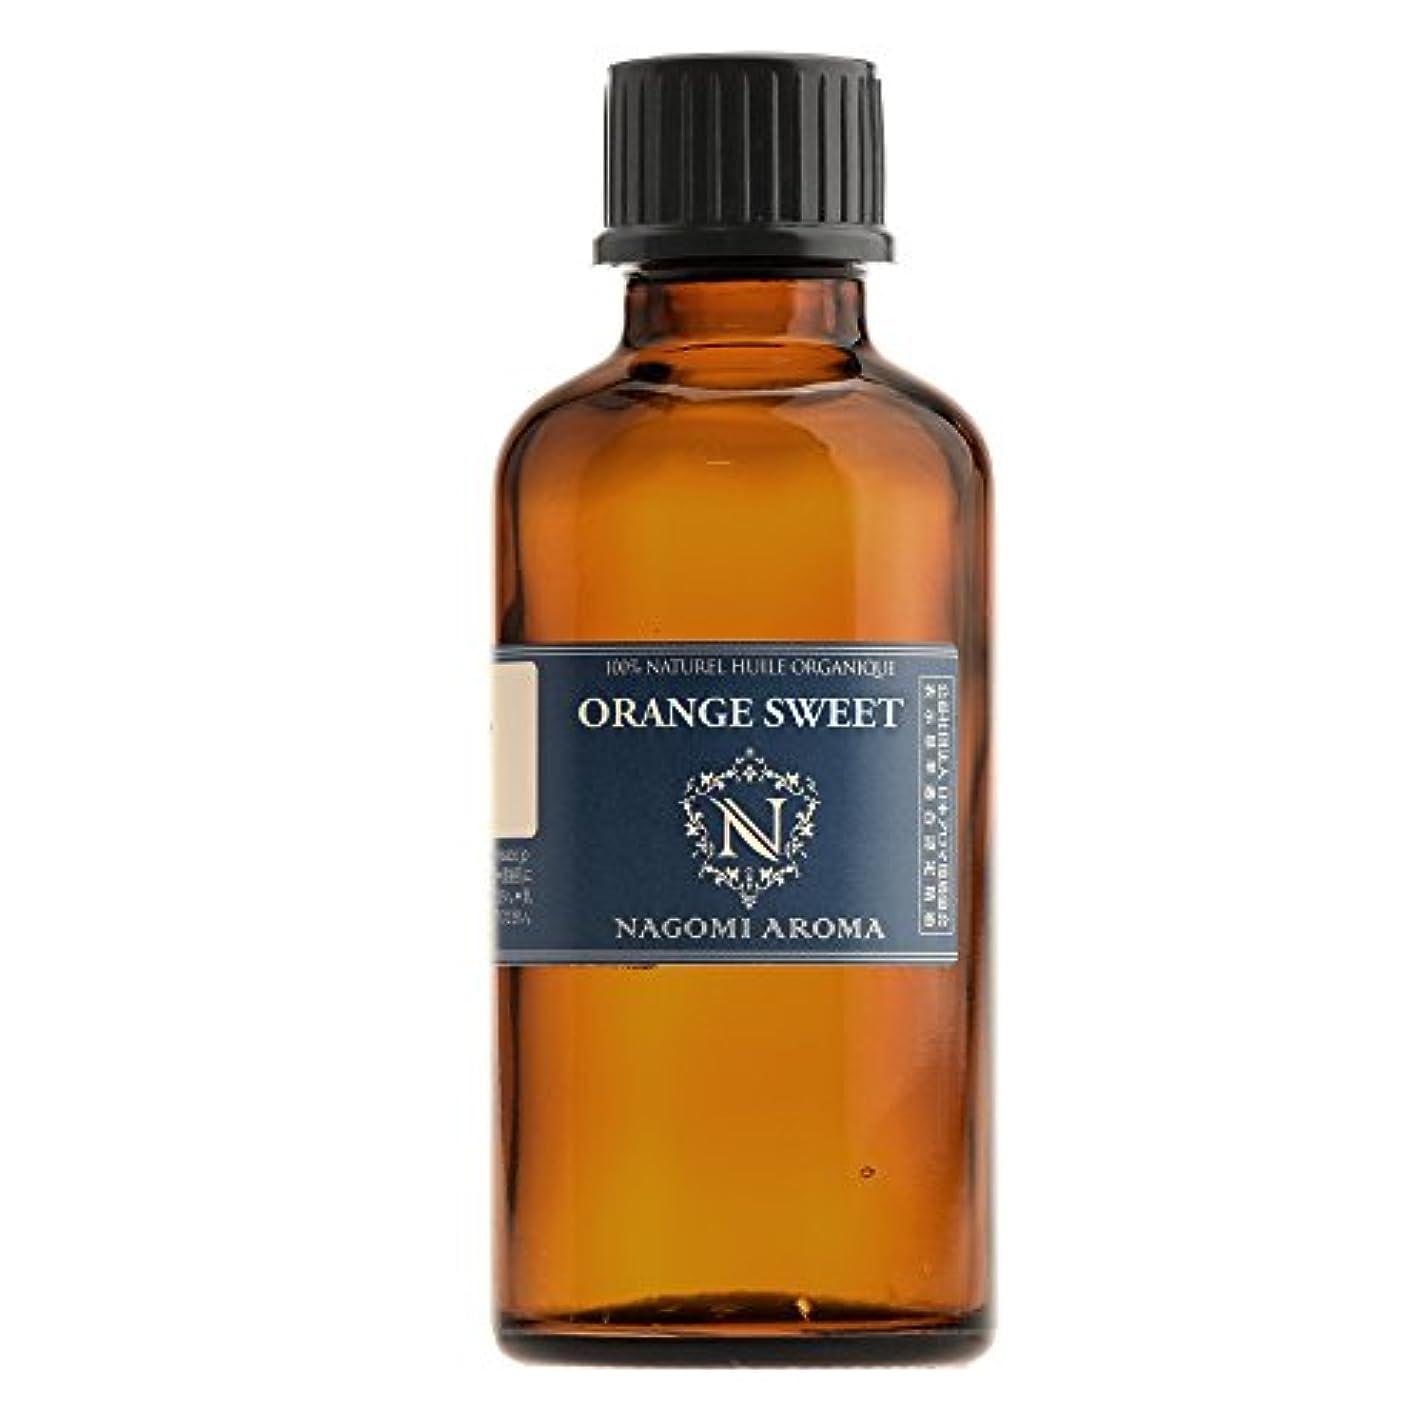 持つすり減る基礎理論NAGOMI AROMA オーガニック オレンジ?スィート 50ml 【AEAJ認定精油】【アロマオイル】